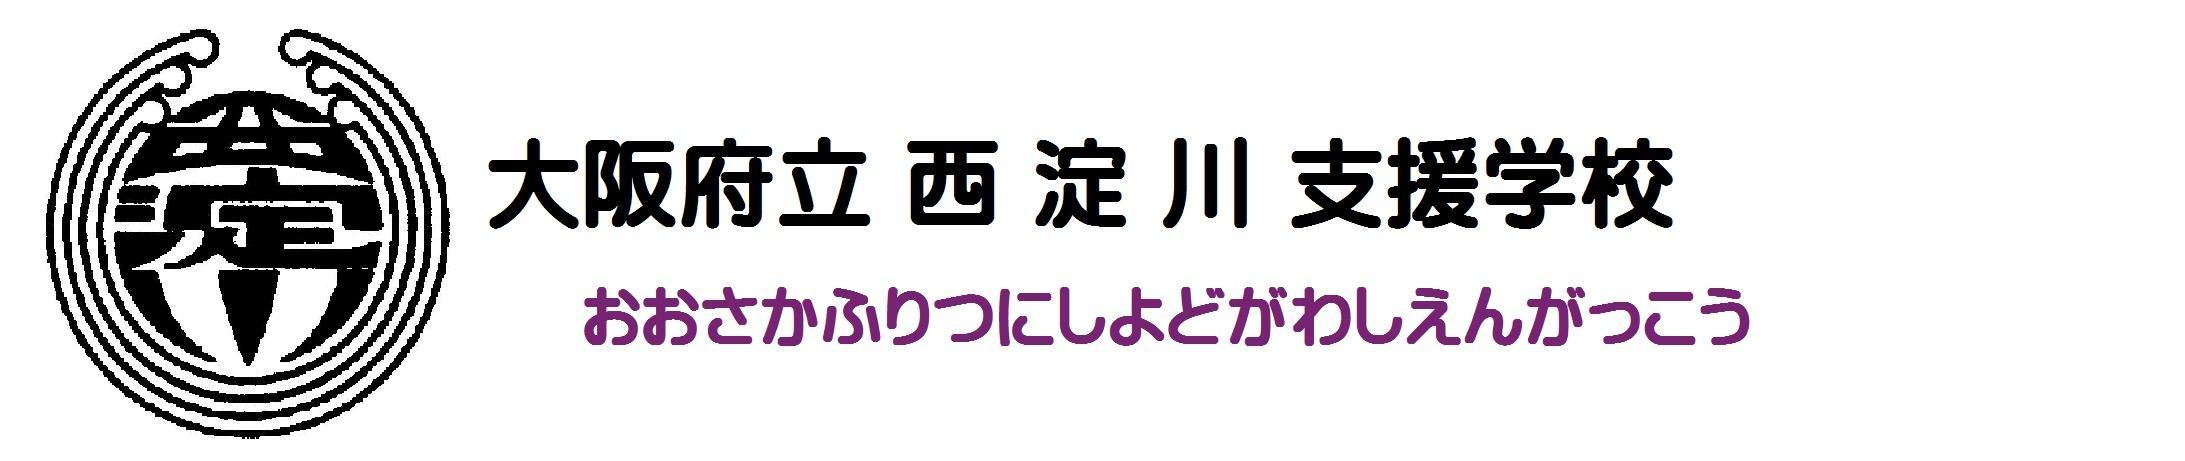 大阪府立西淀川支援学校